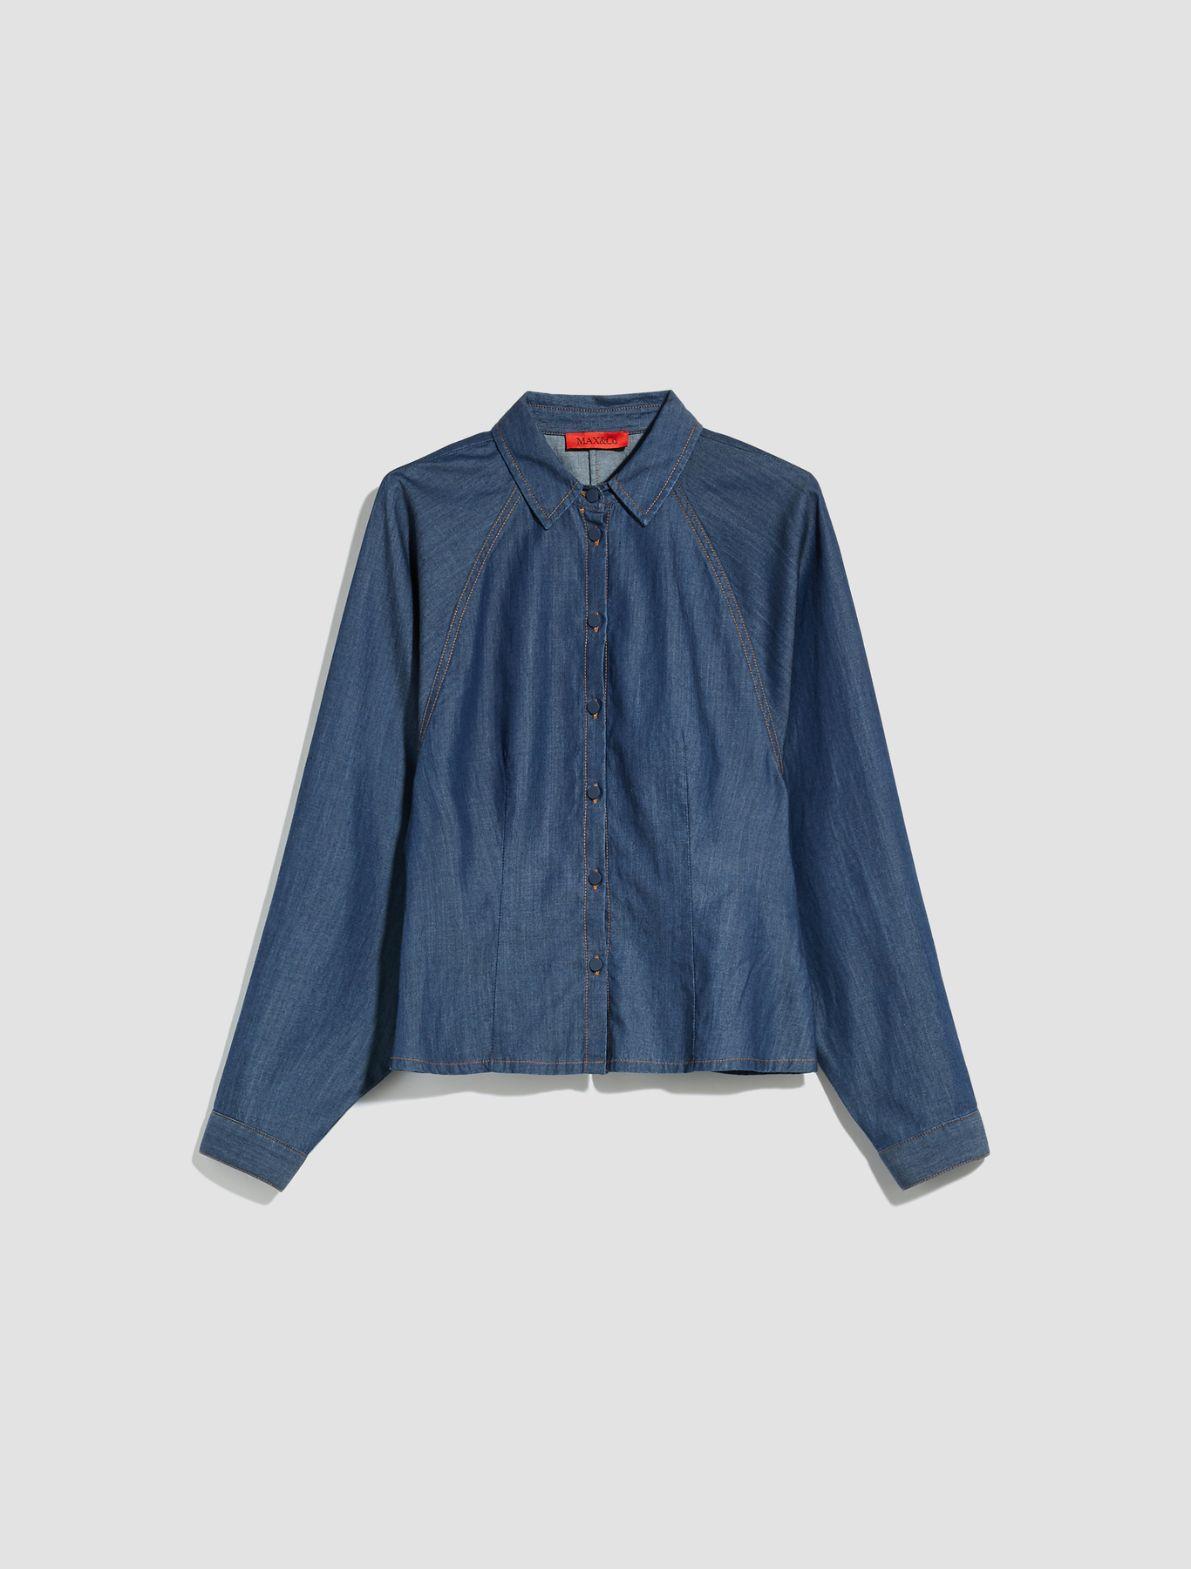 DIRIGERE Shirt midnight blue 5